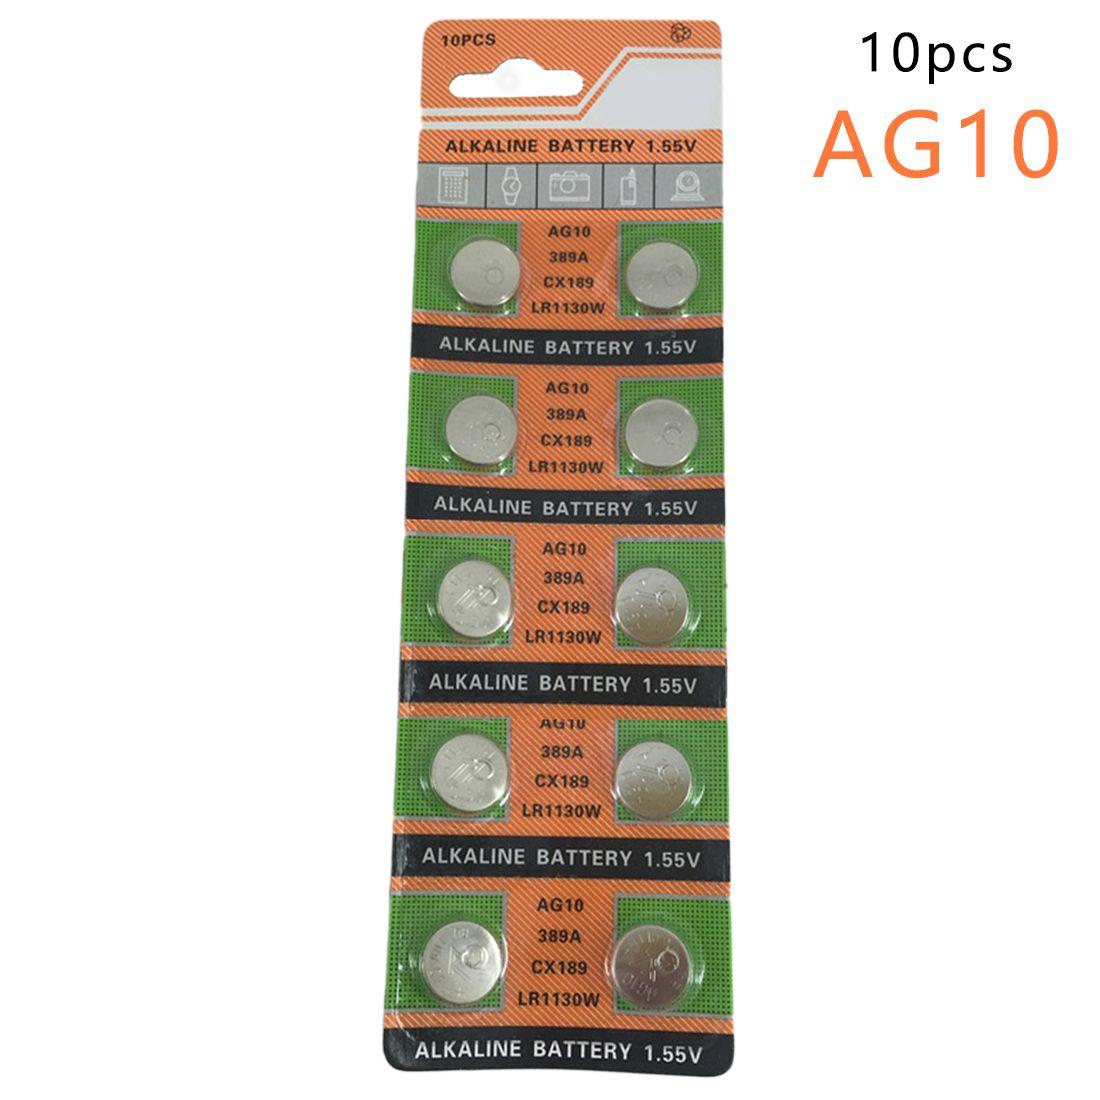 Centechia Pro Montre Batterie 10 Pcs 1 55 V Ag10 Lr54 Lr1130 L1131 389 189 Piles Alcalines Pile Bouton Coin Alkaline Battery Button Cell Watch Battery